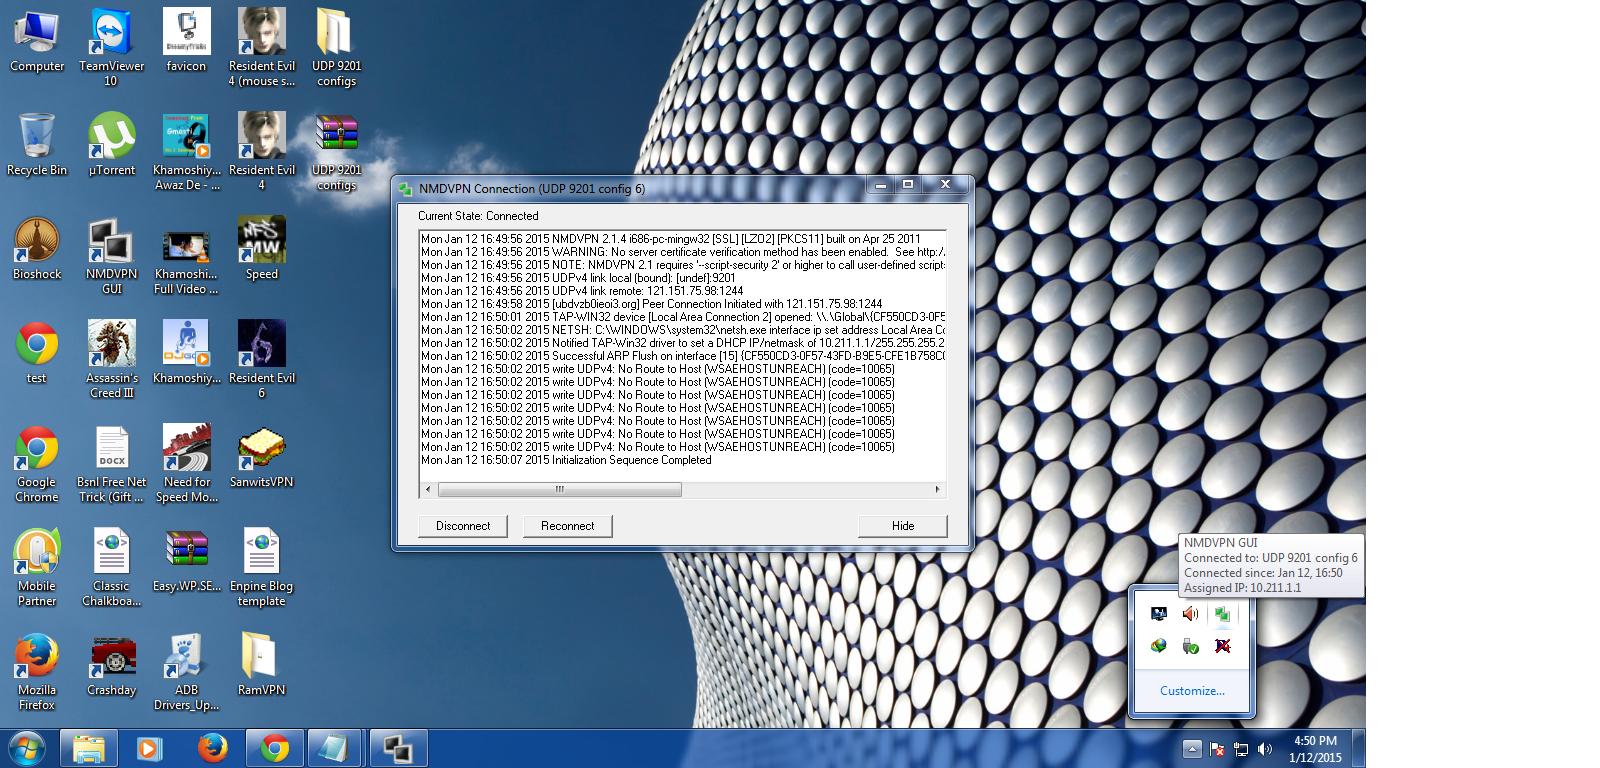 9201 udp protocol vpn files